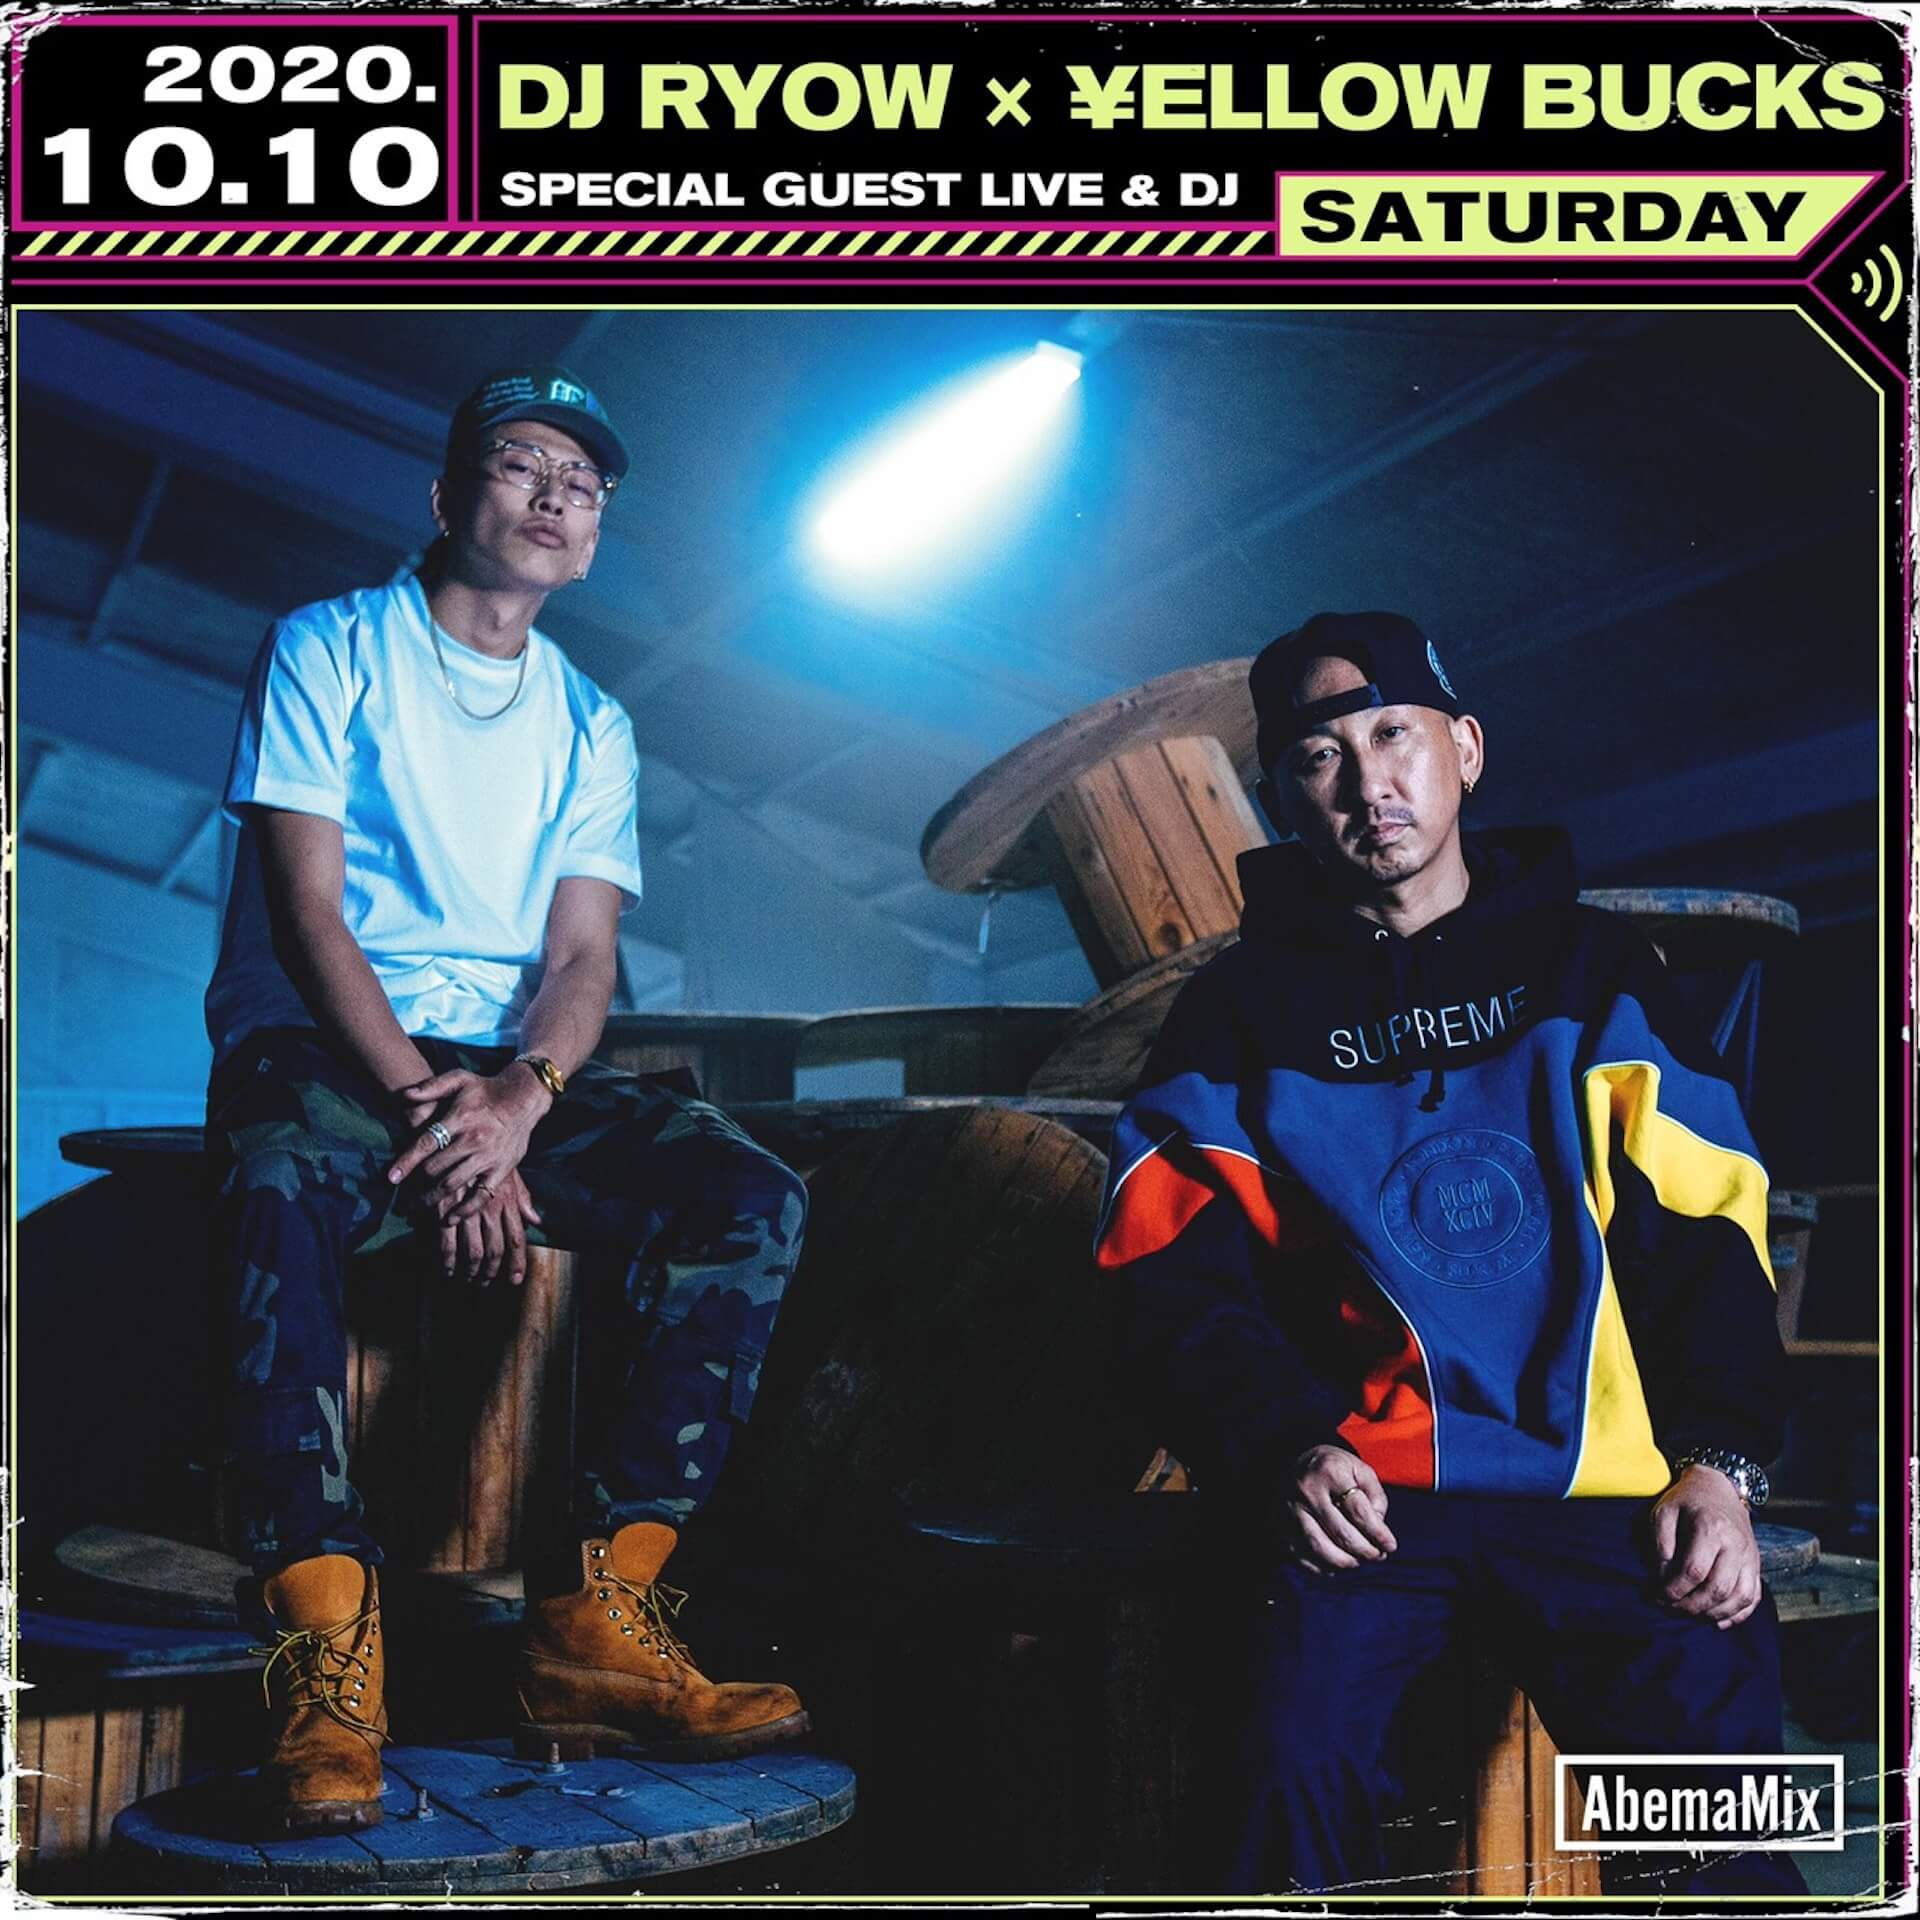 DJ RYOWと¥ellow Bucksのダブルネーム両A面シングル『GAMBLE | Need A Dr』が本日より配信リリース!同時にMVも公開 music2020109_djryow_yellowbucks_2